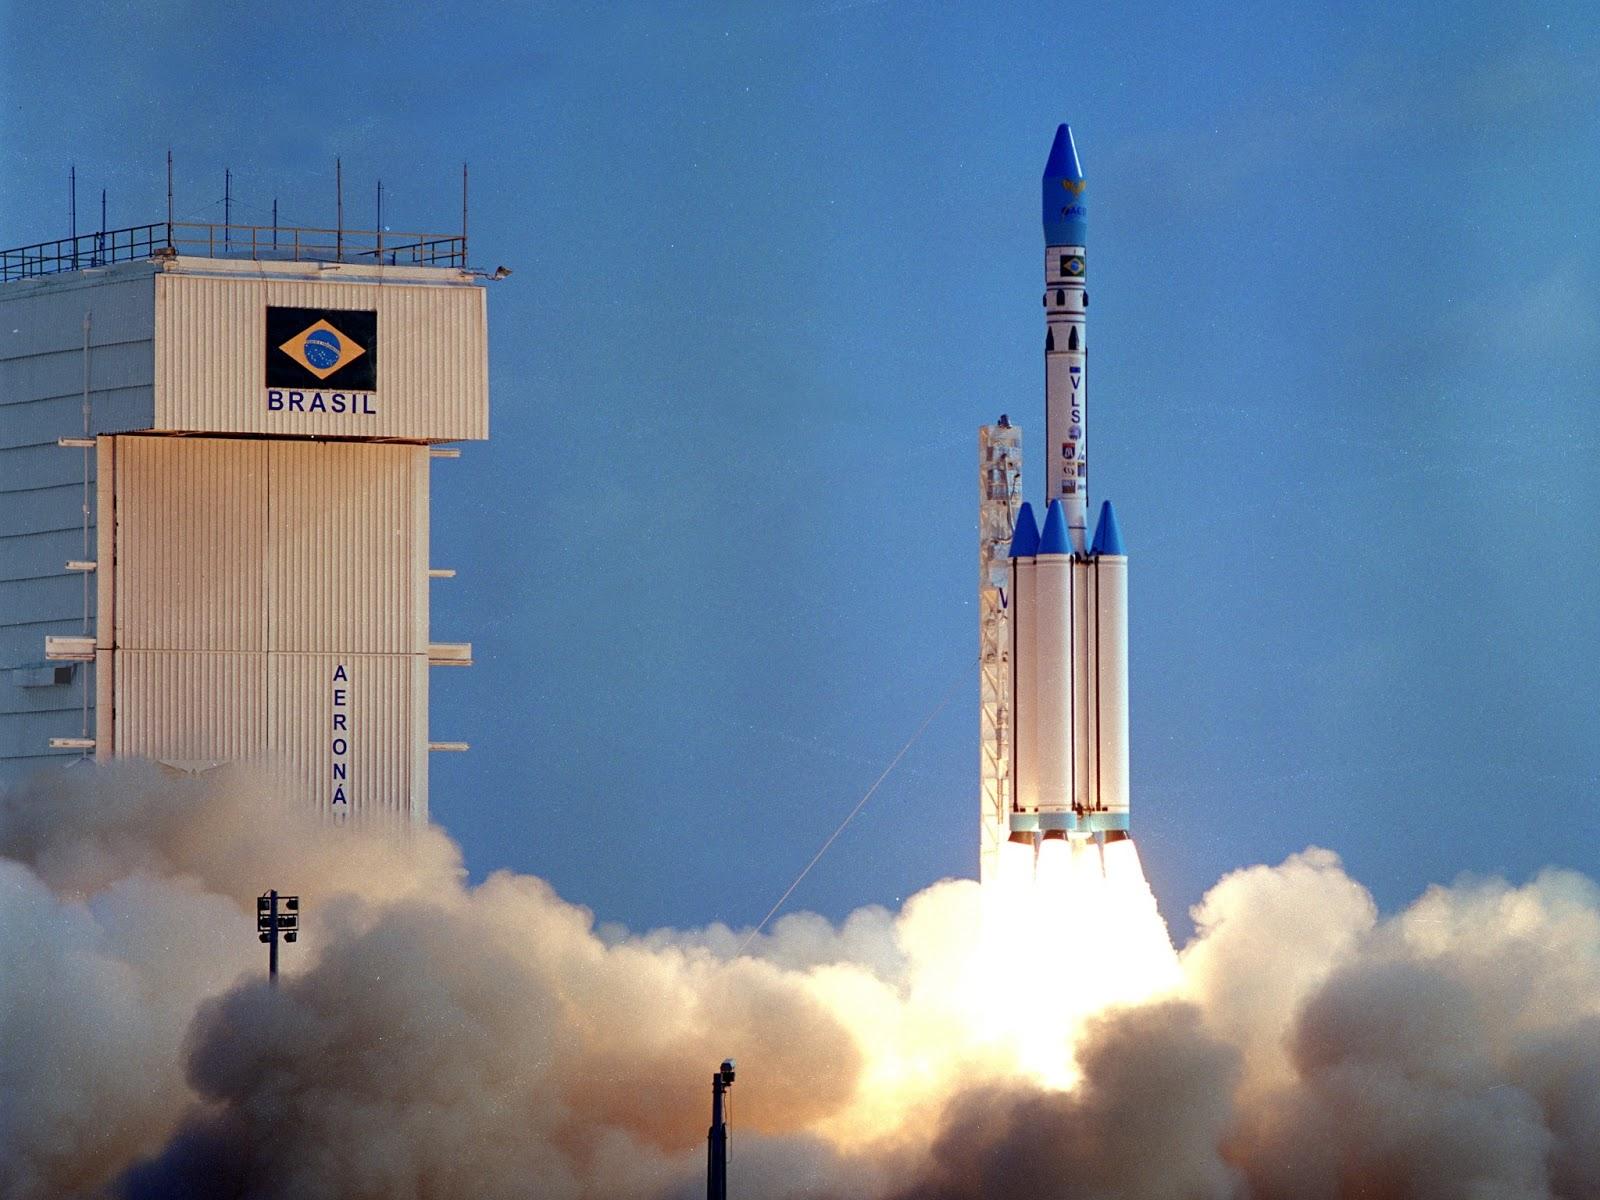 Segunda tentativa de lançamento do VLS-1, feita em 1999.